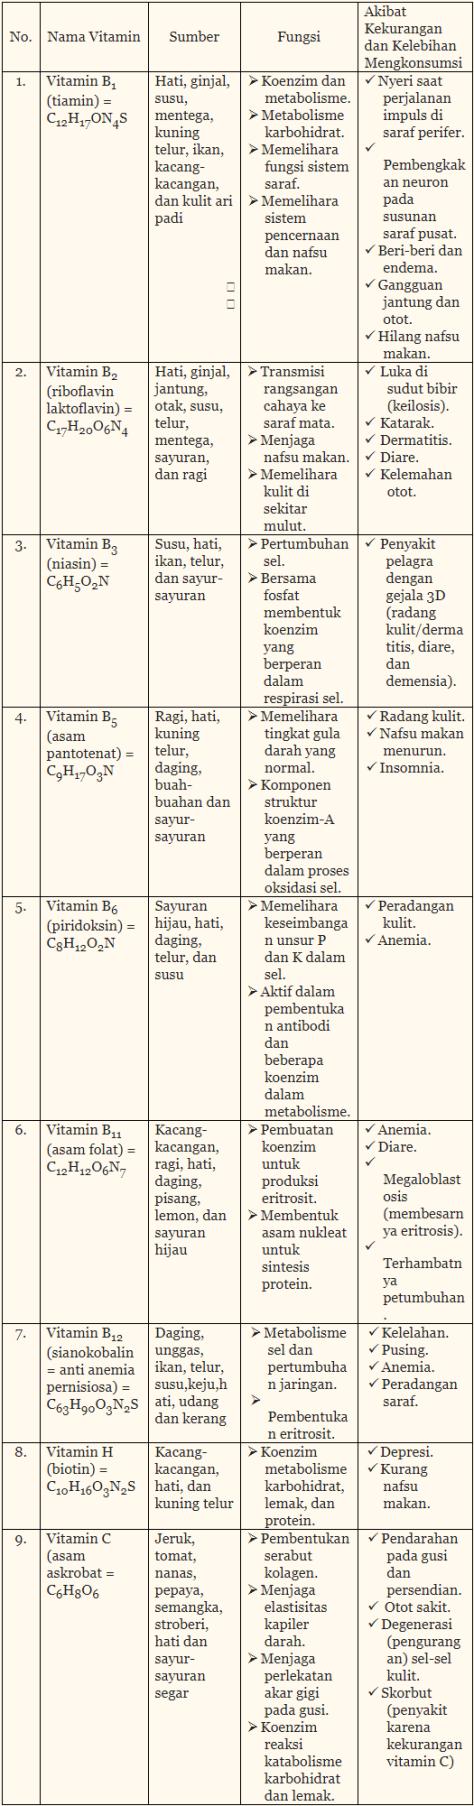 Tabel Vitamin Beserta Fungsi dan Akibatnya Larut Dalam Air